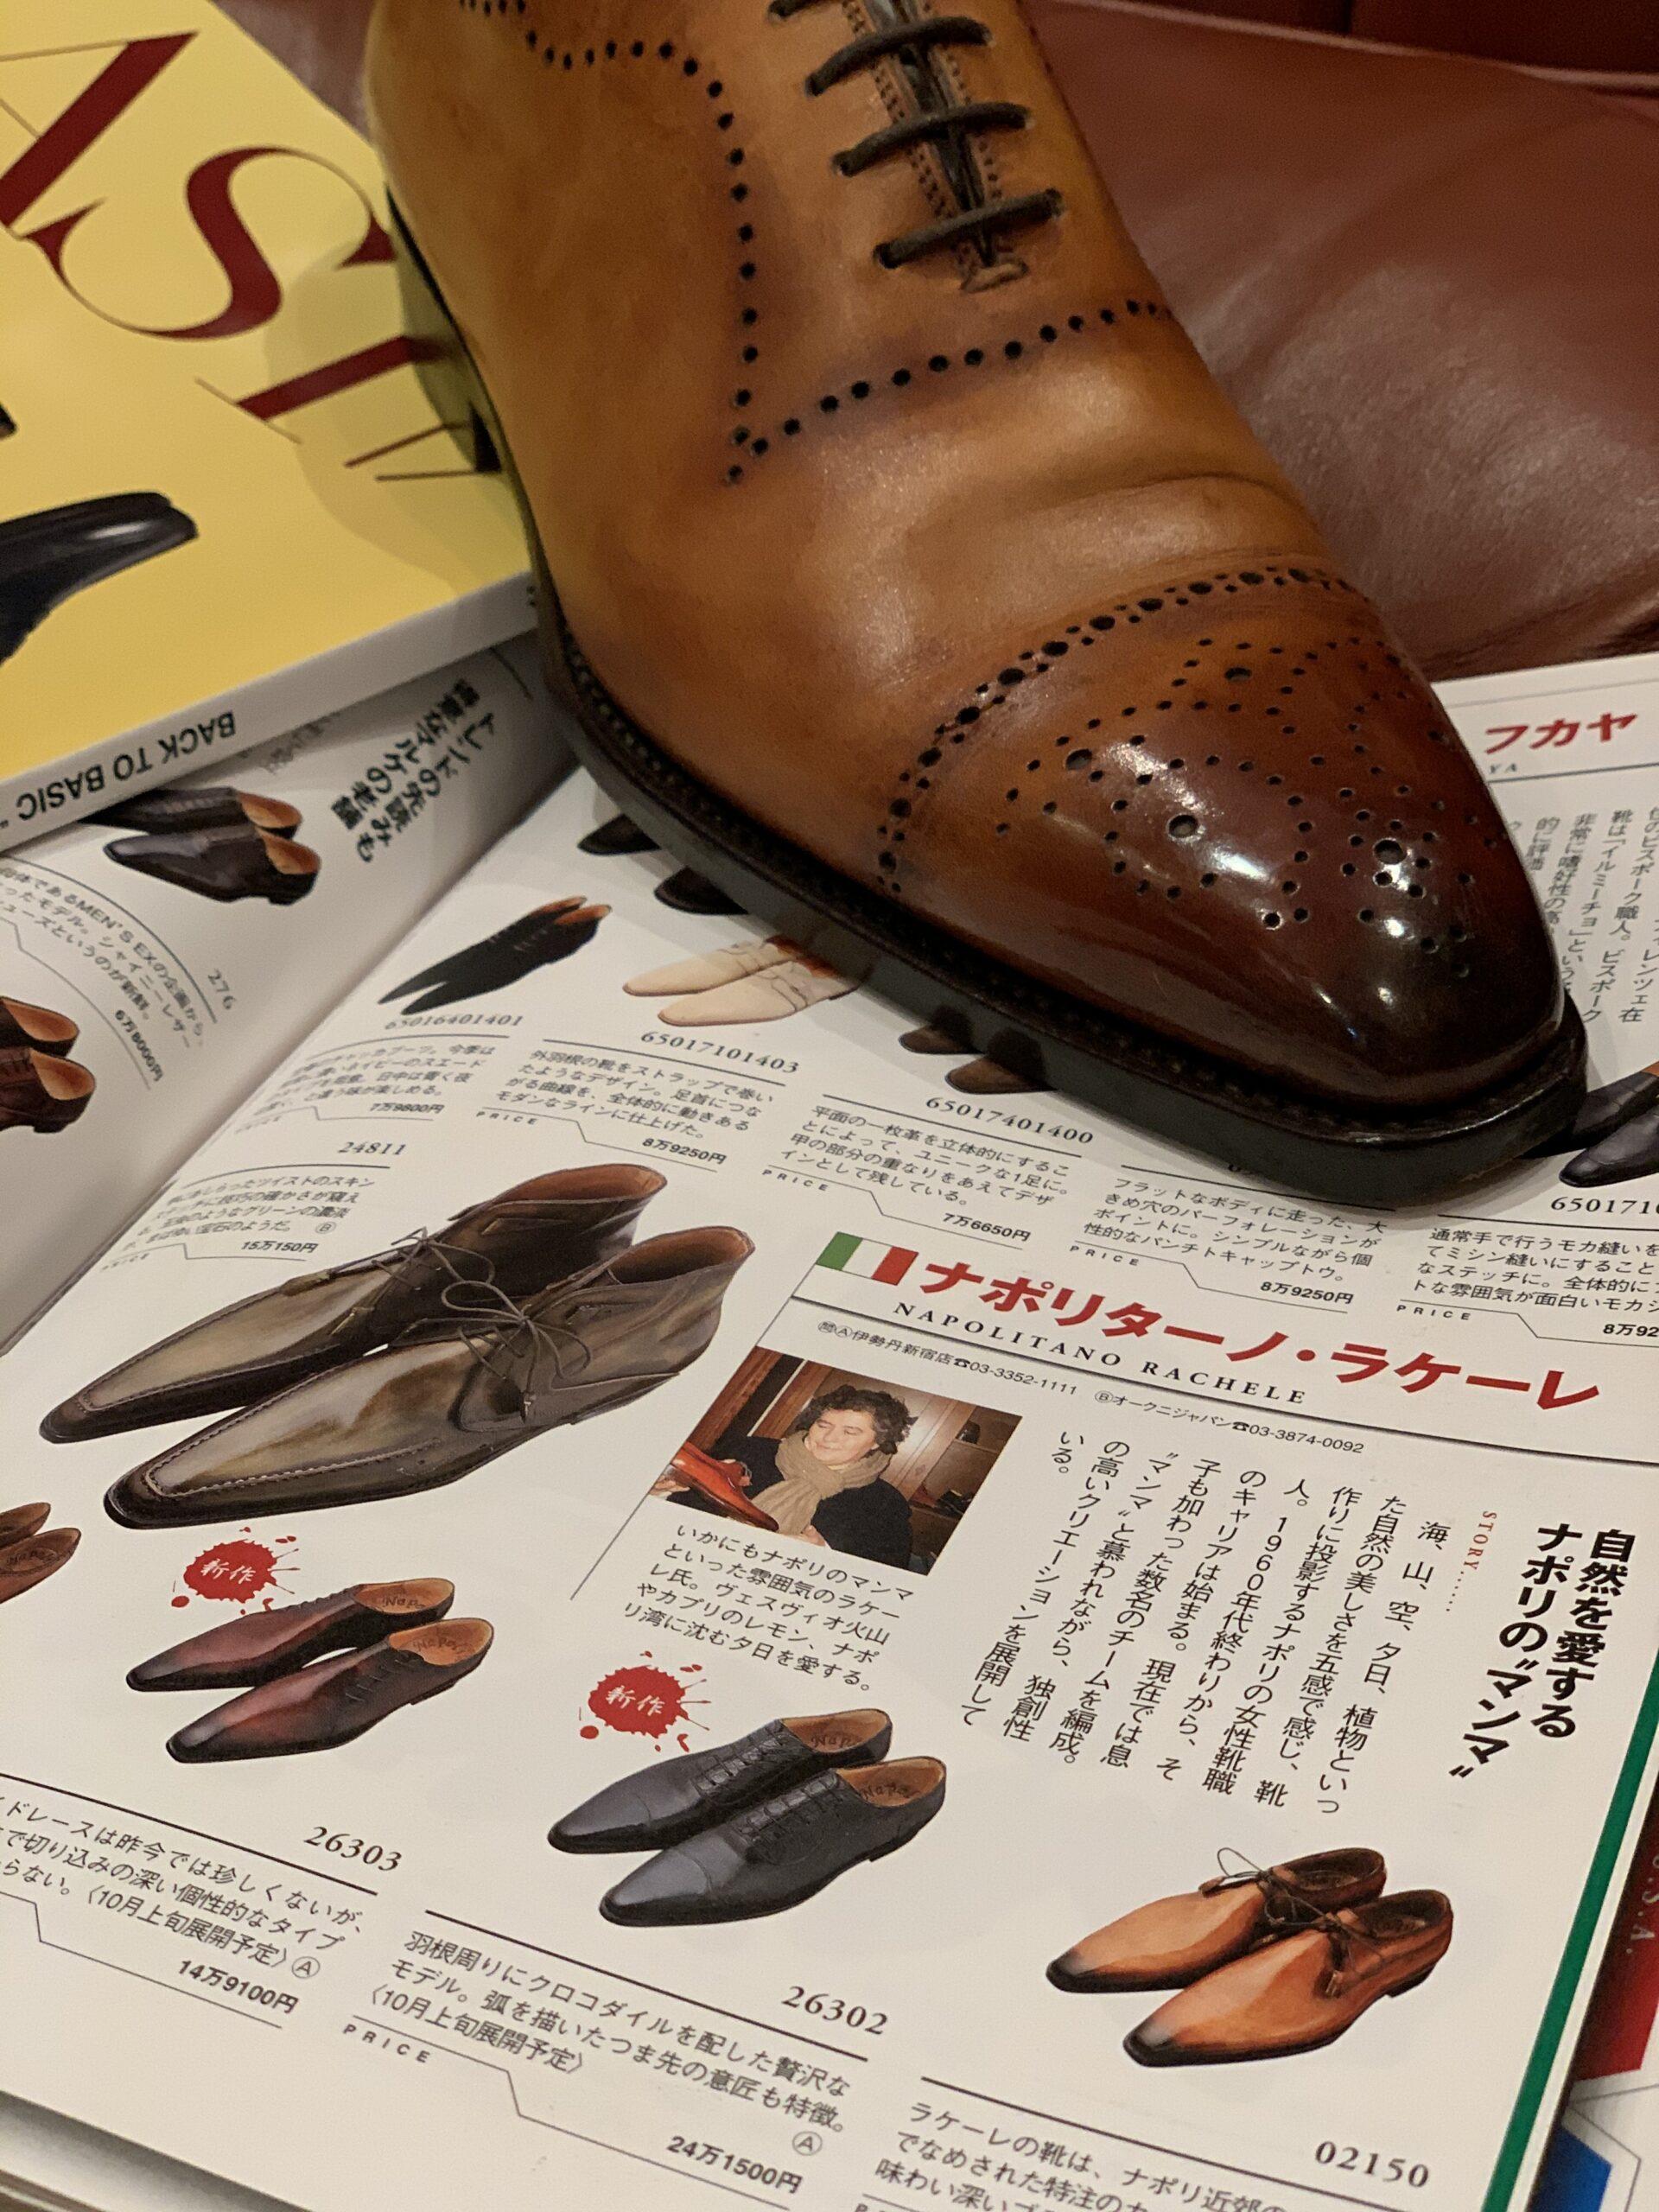 正統な紳士靴を嗜むvol.31〜南イタリアの伝統靴ナポリターノラケーレ